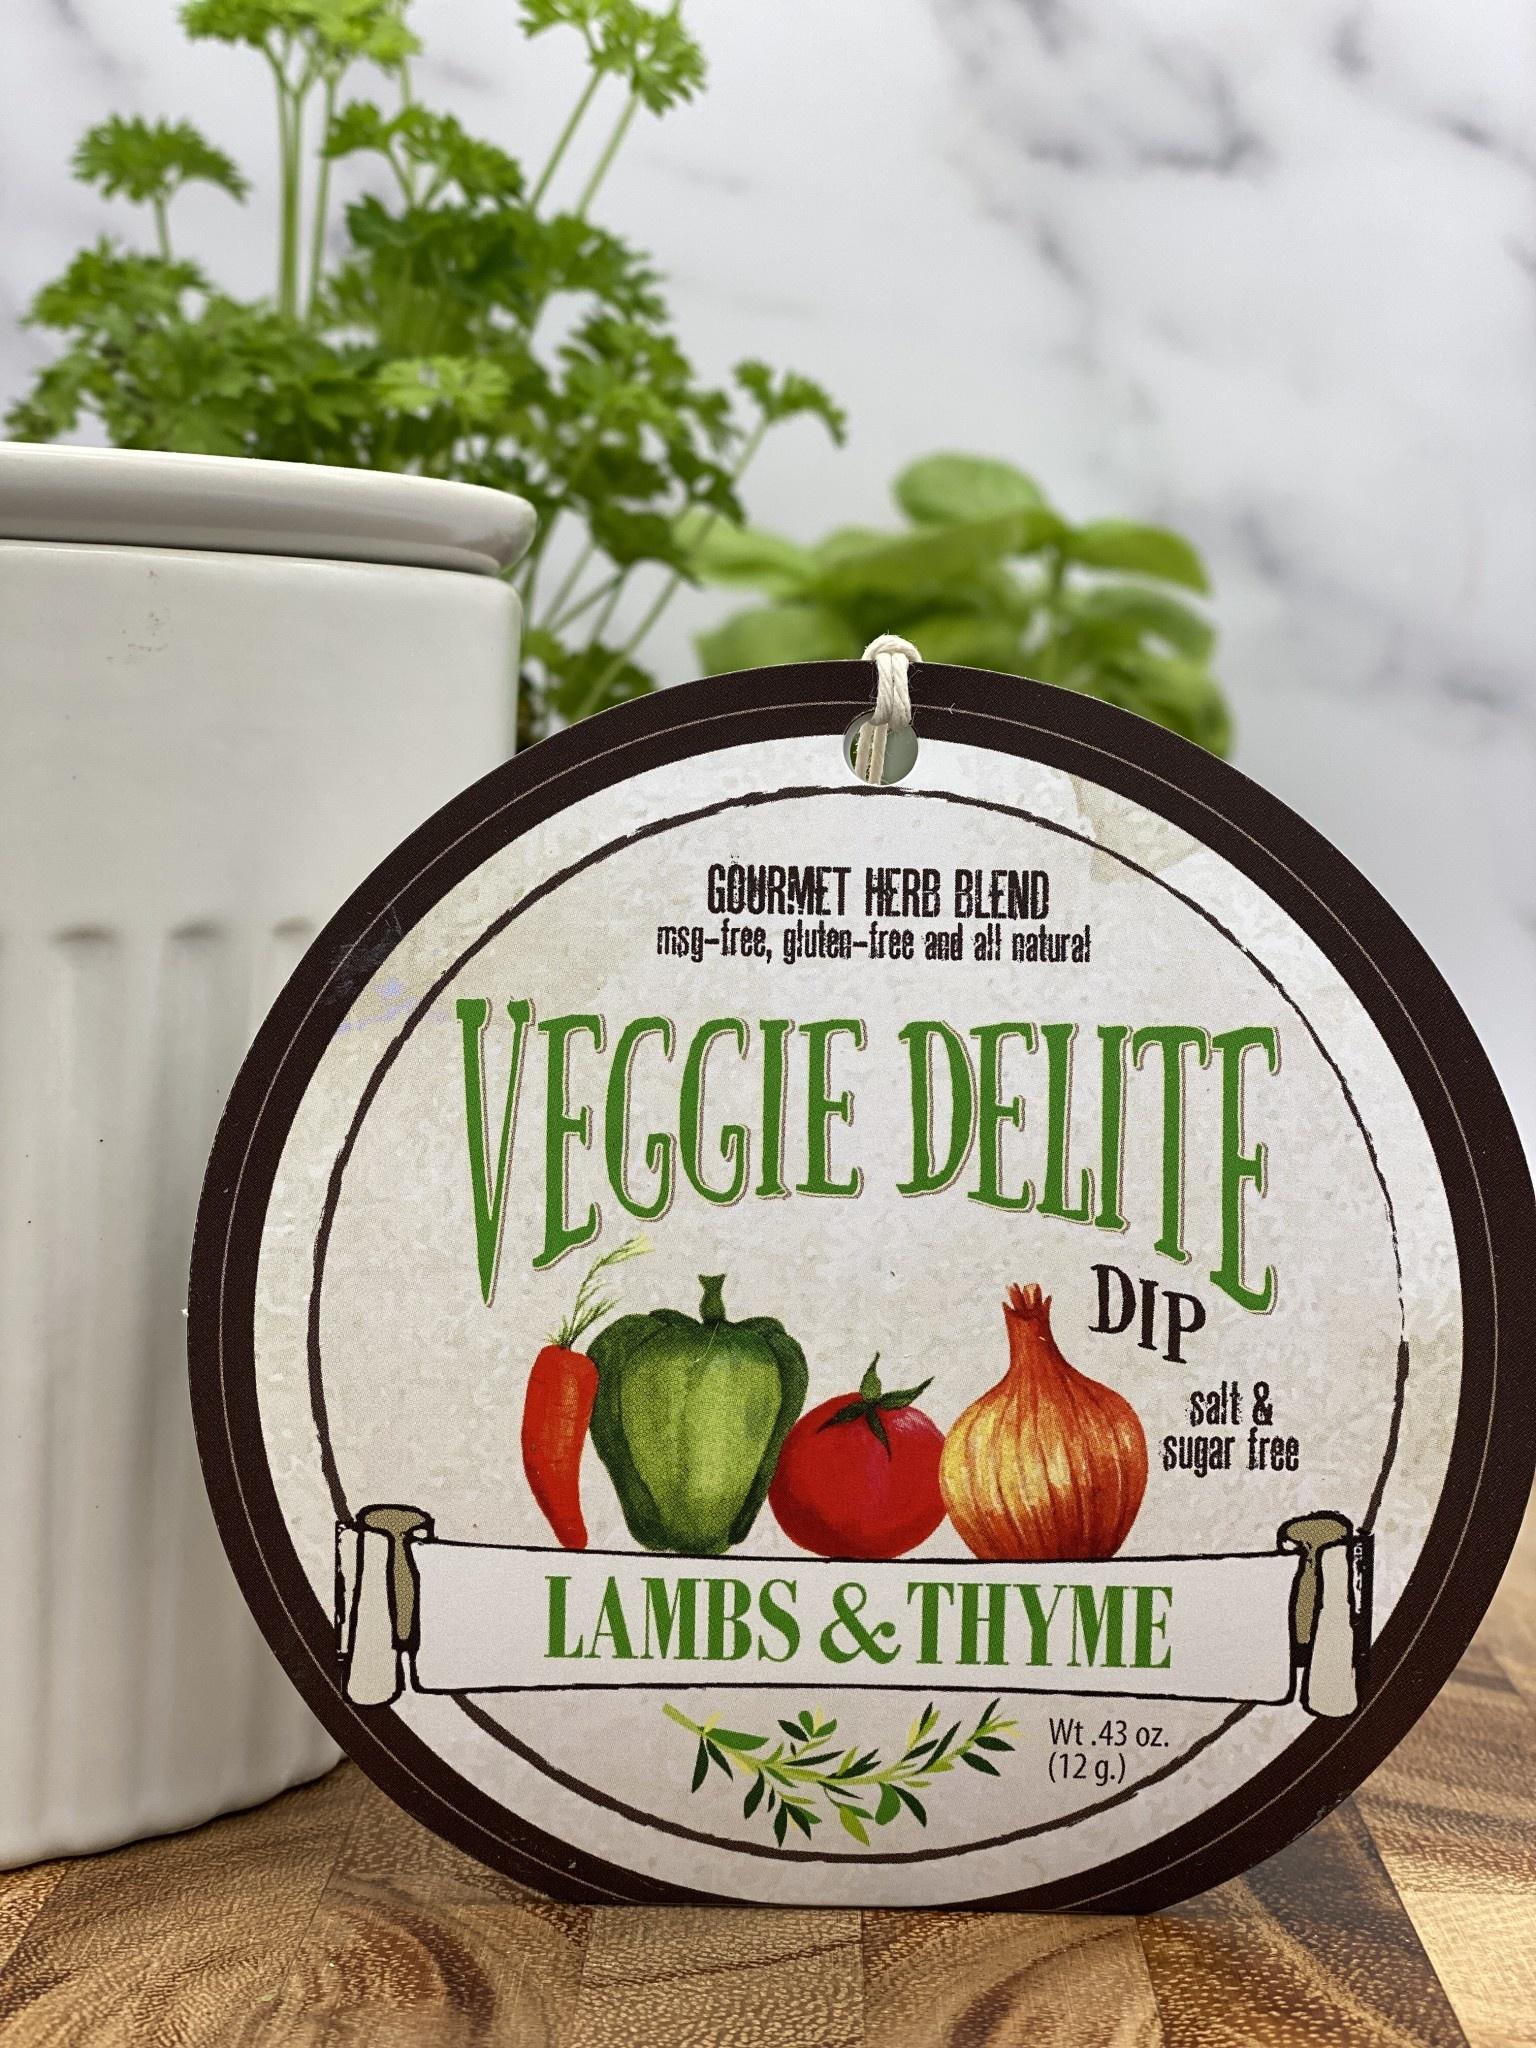 Lambs & Thyme Herb Dips Veggie Delite